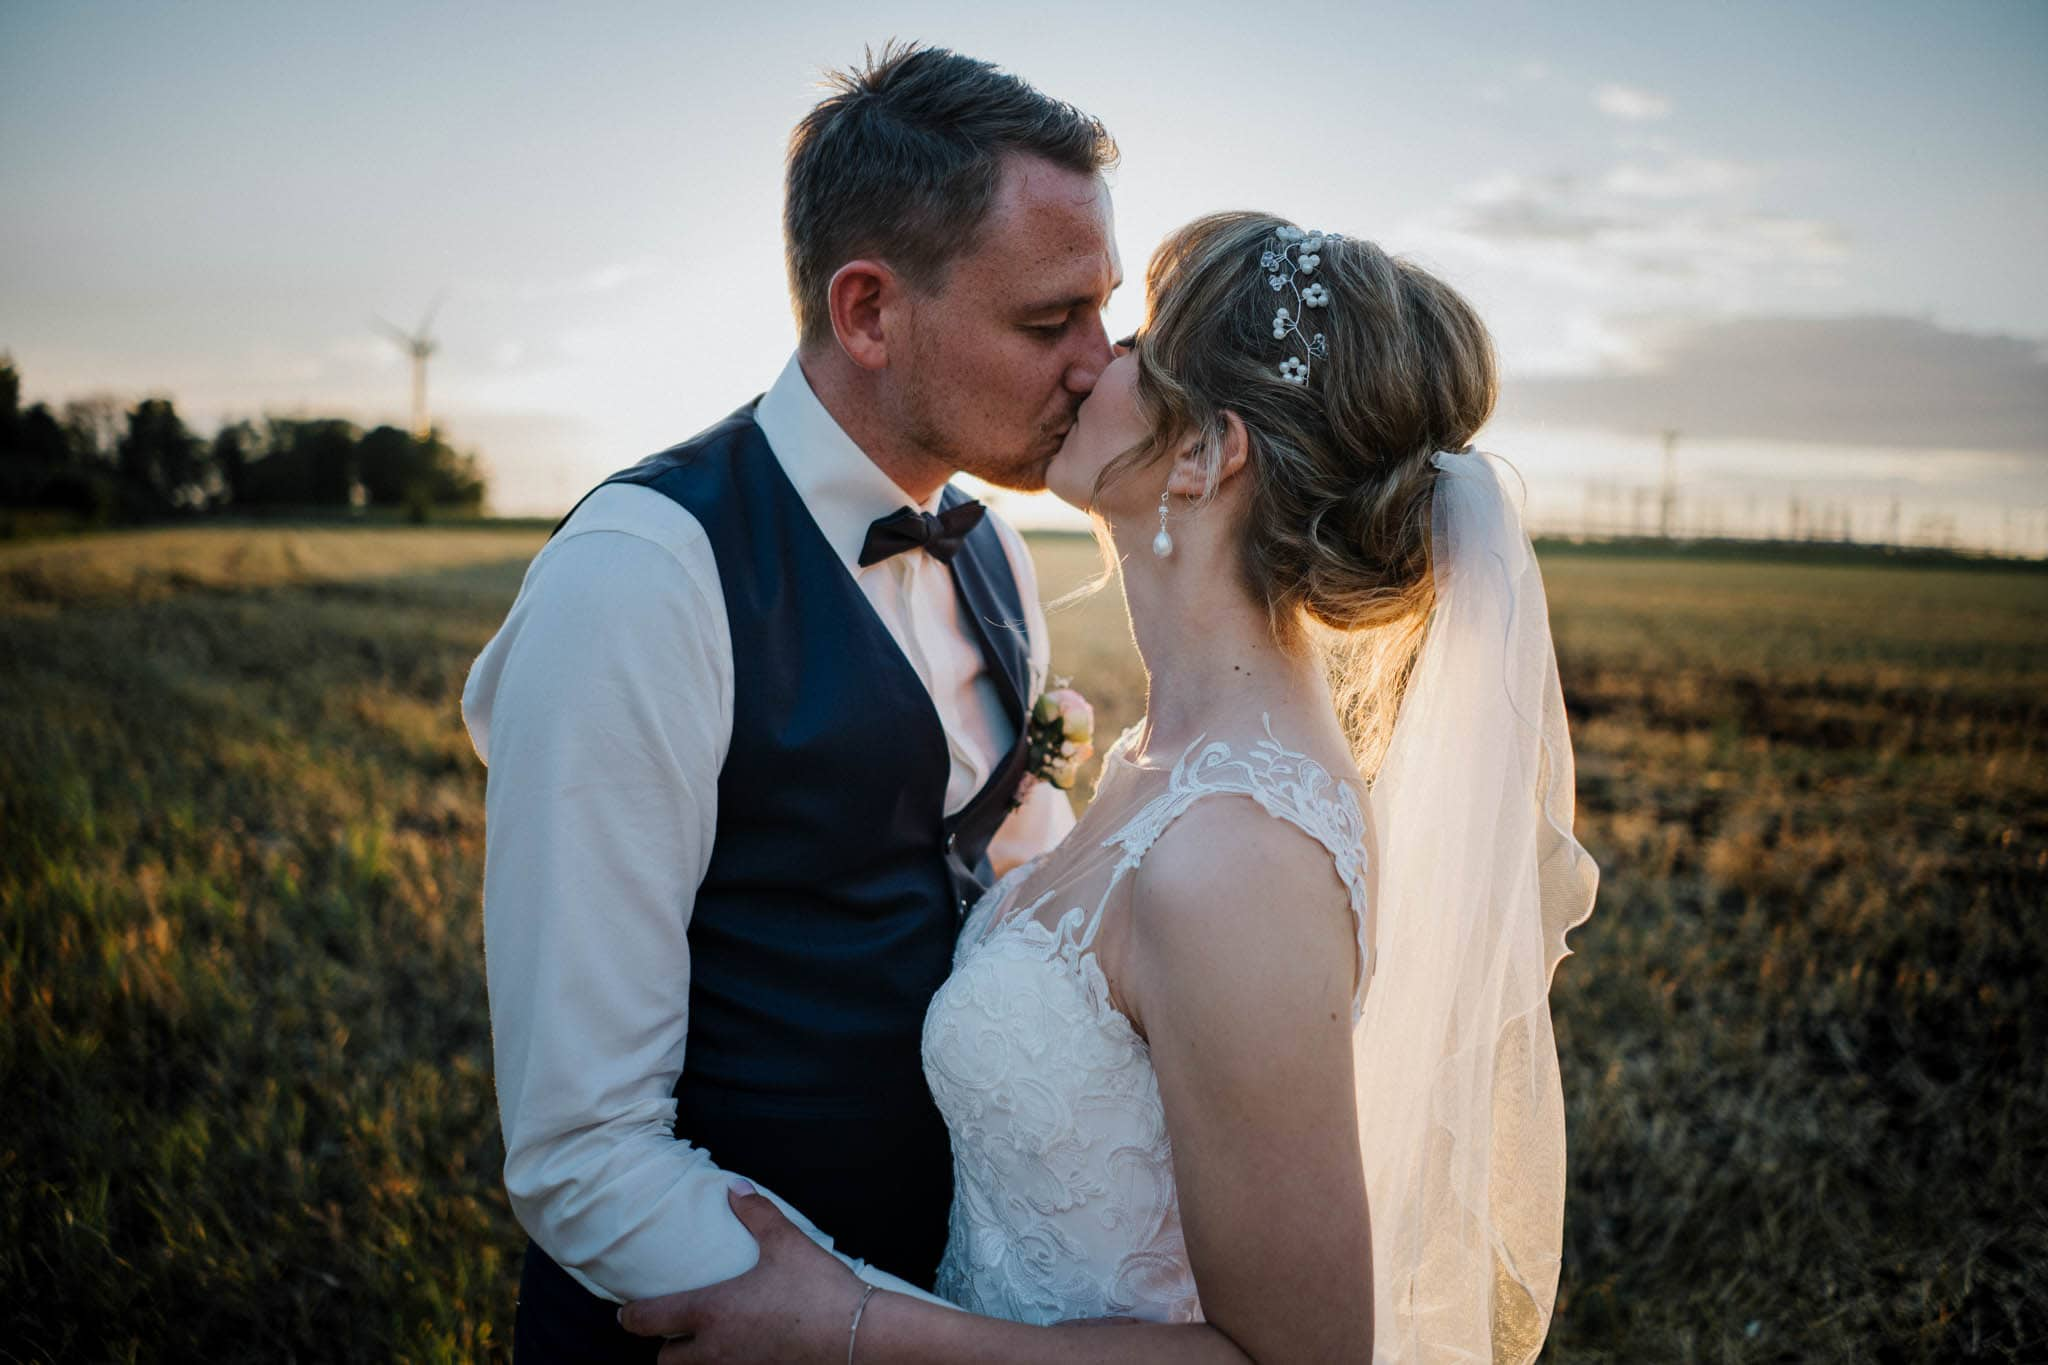 Hochzeitsfieber by Photo-Schomburg, Hoichzeitsfotograf, Hamburg, Wedding, Weddingtime, Hochzeitspaar, Braut, Bräutigam, Hochzeit im Norden,-126